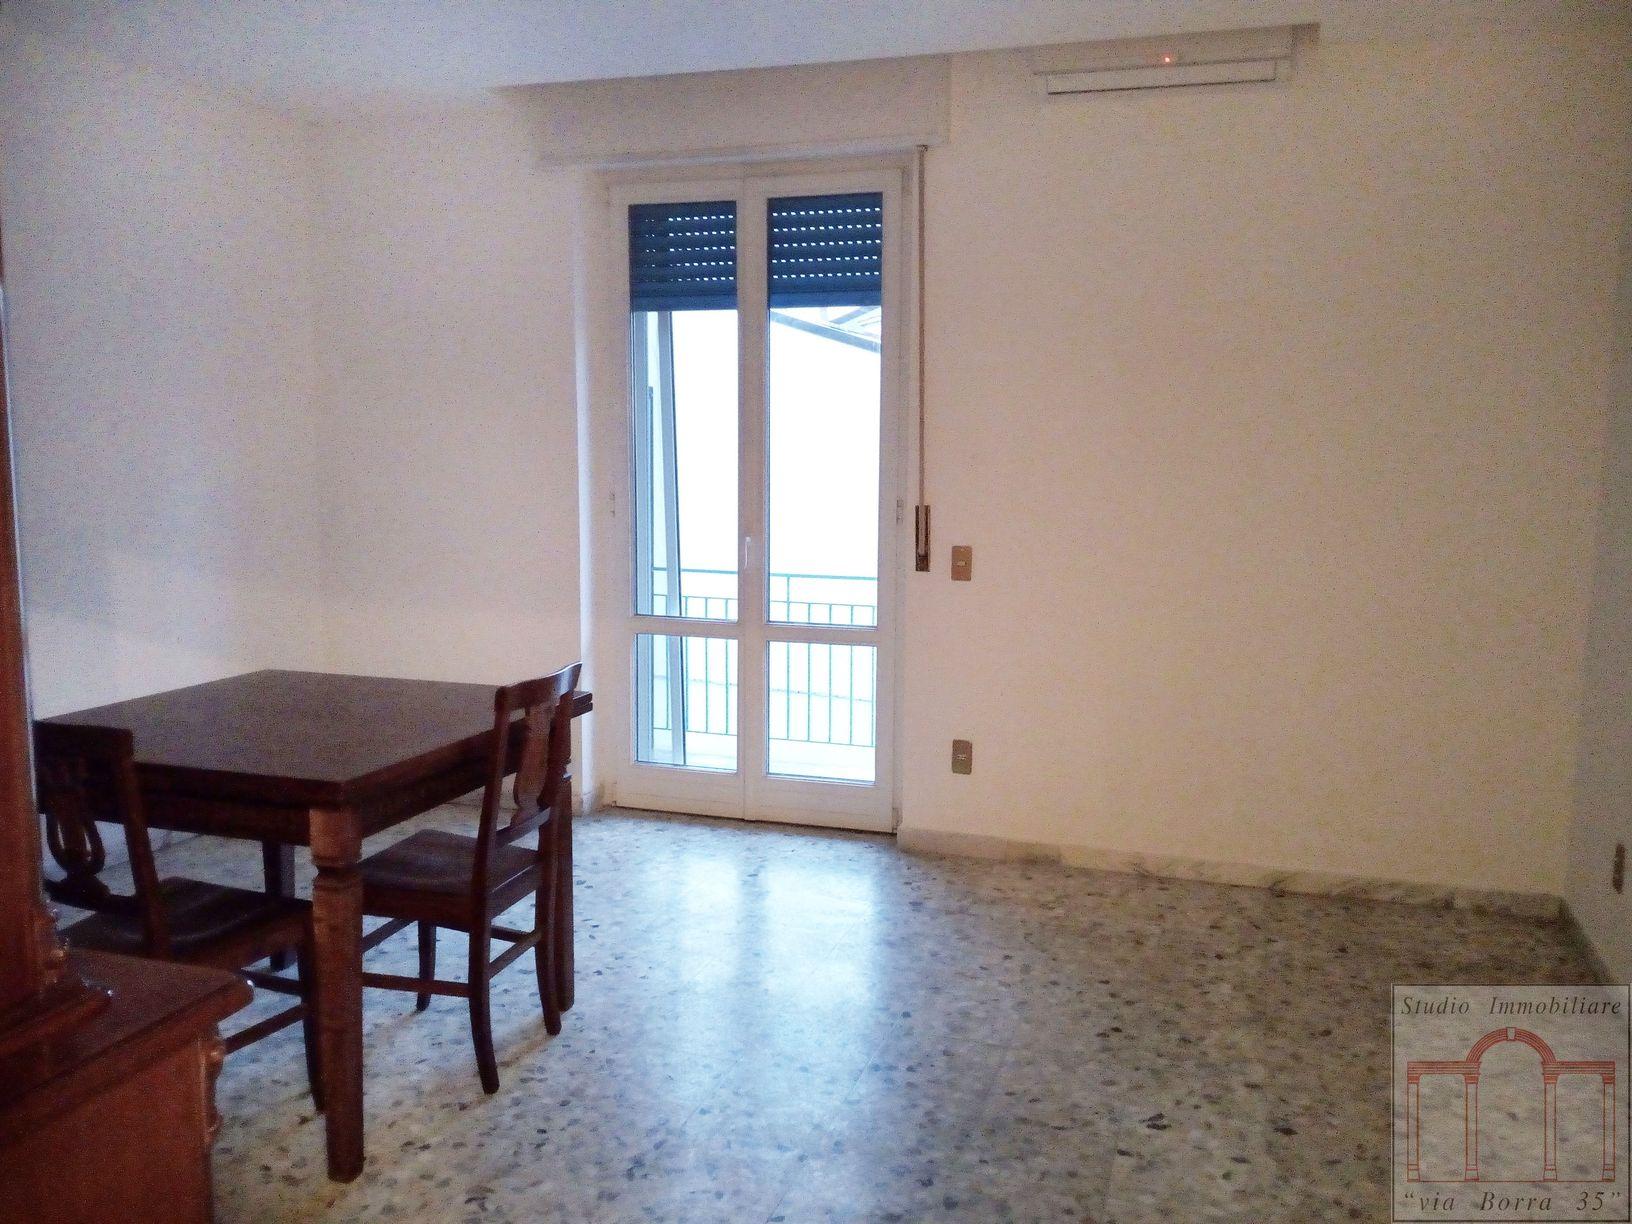 Appartamento in vendita a Livorno, 5 locali, zona Località: Periferianord, prezzo € 160.000 | Cambio Casa.it